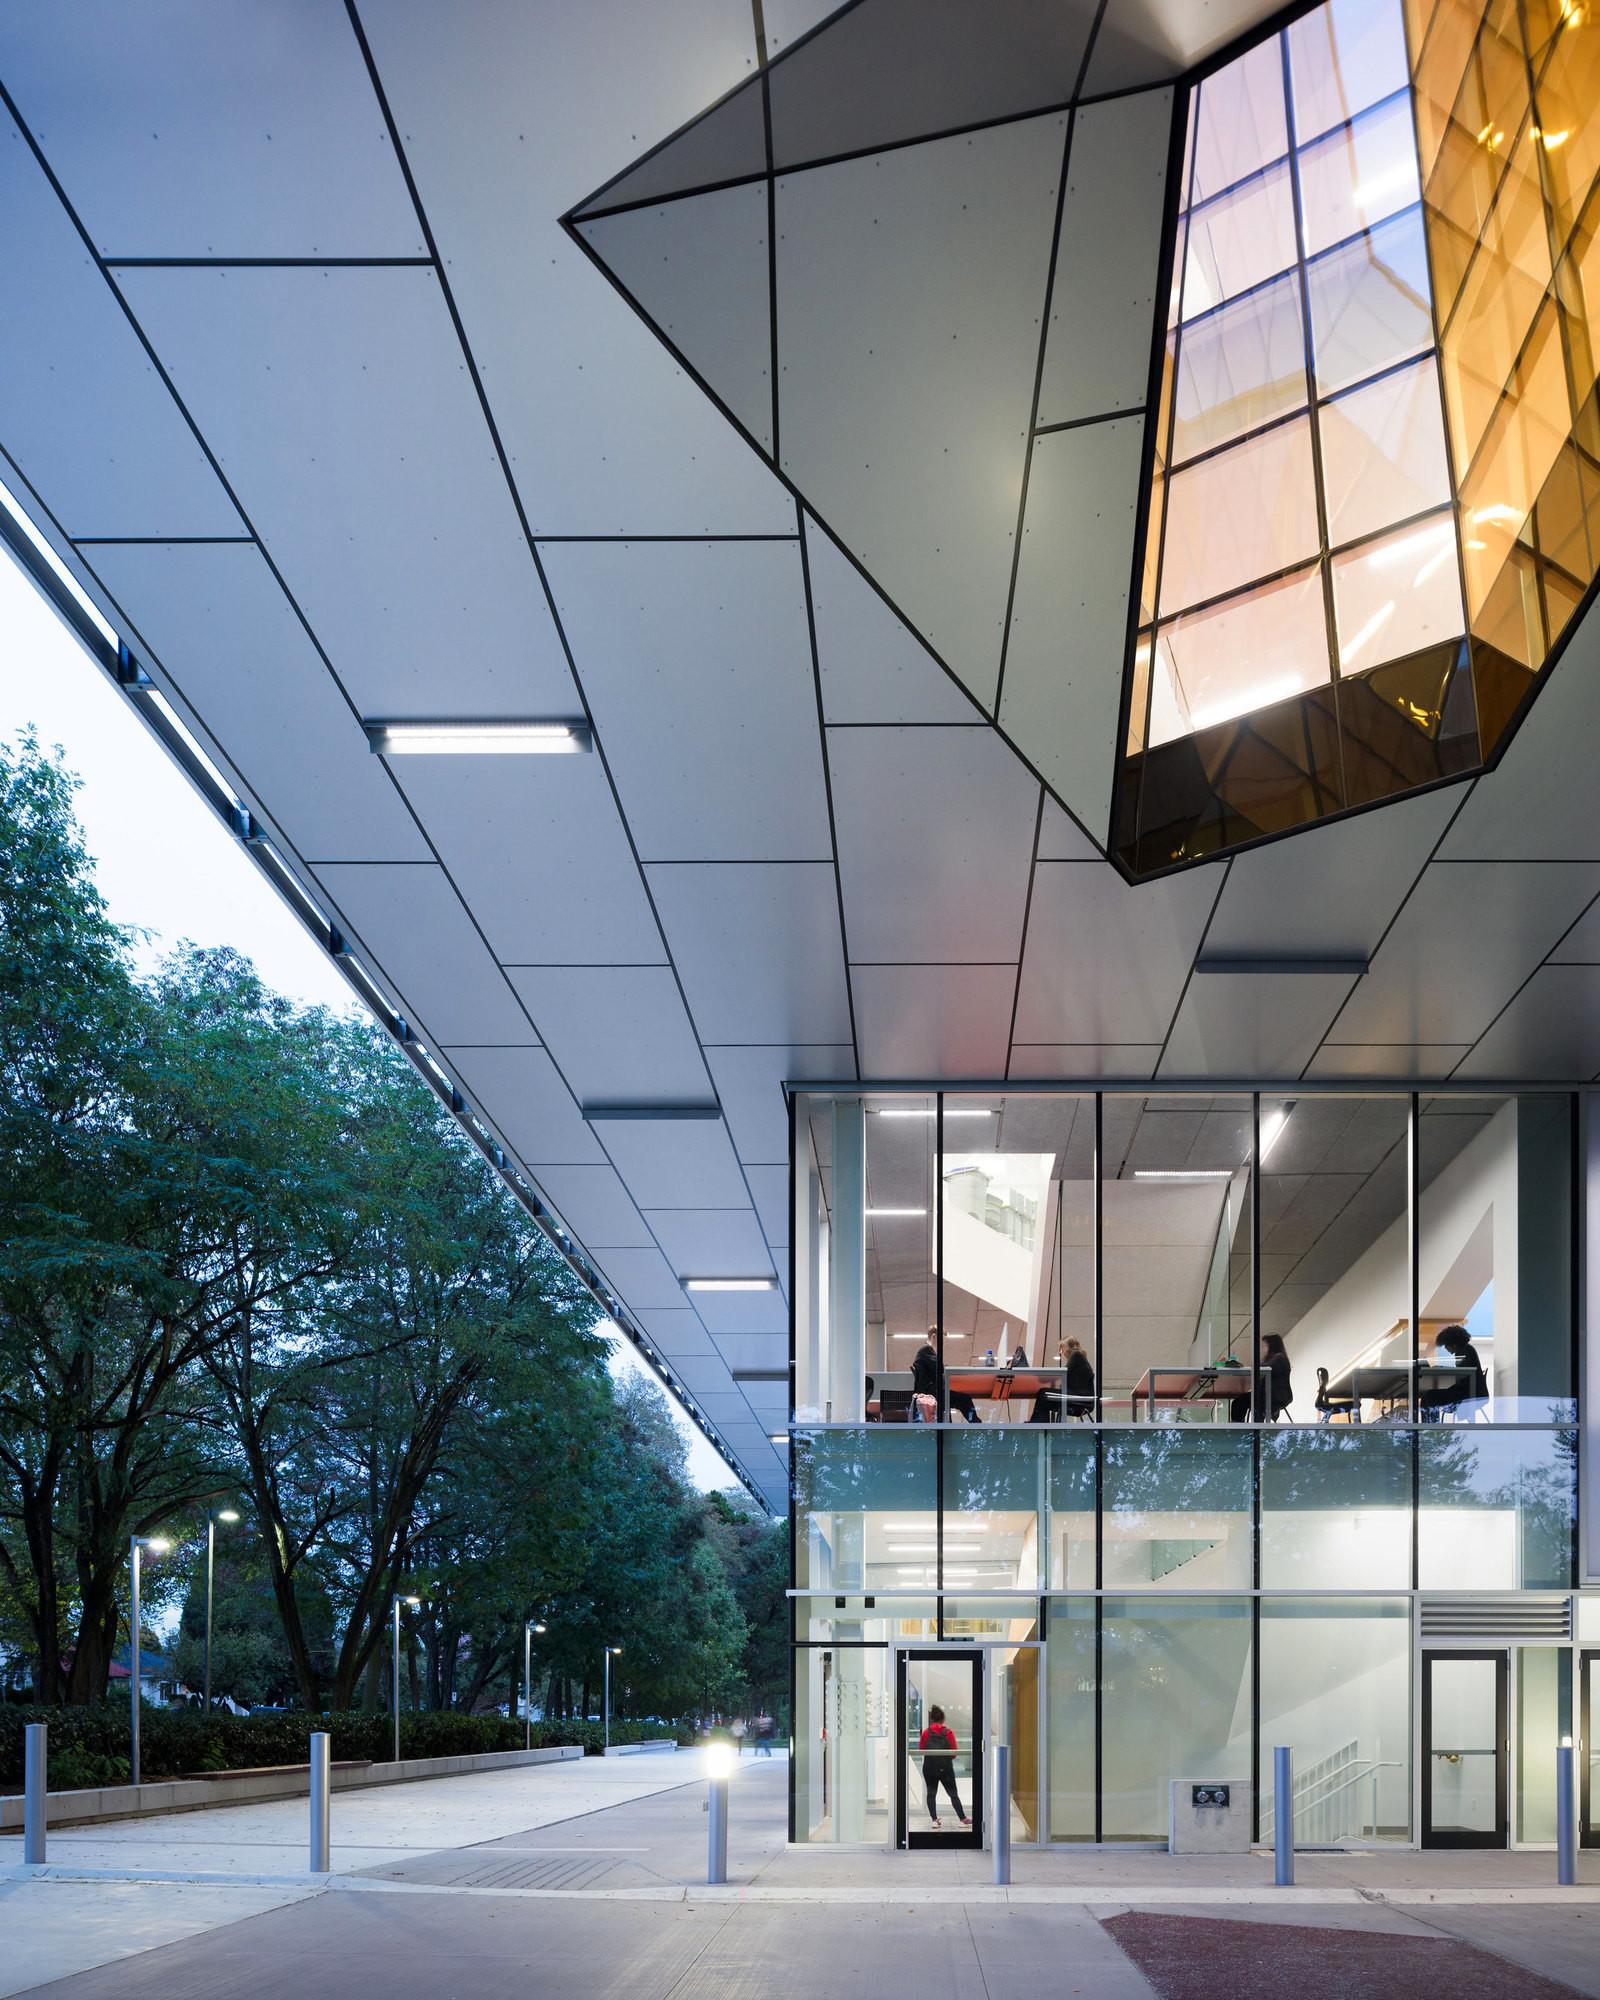 Необычная архитектура одного из зданий Колледжа Лангара в Ванкувере